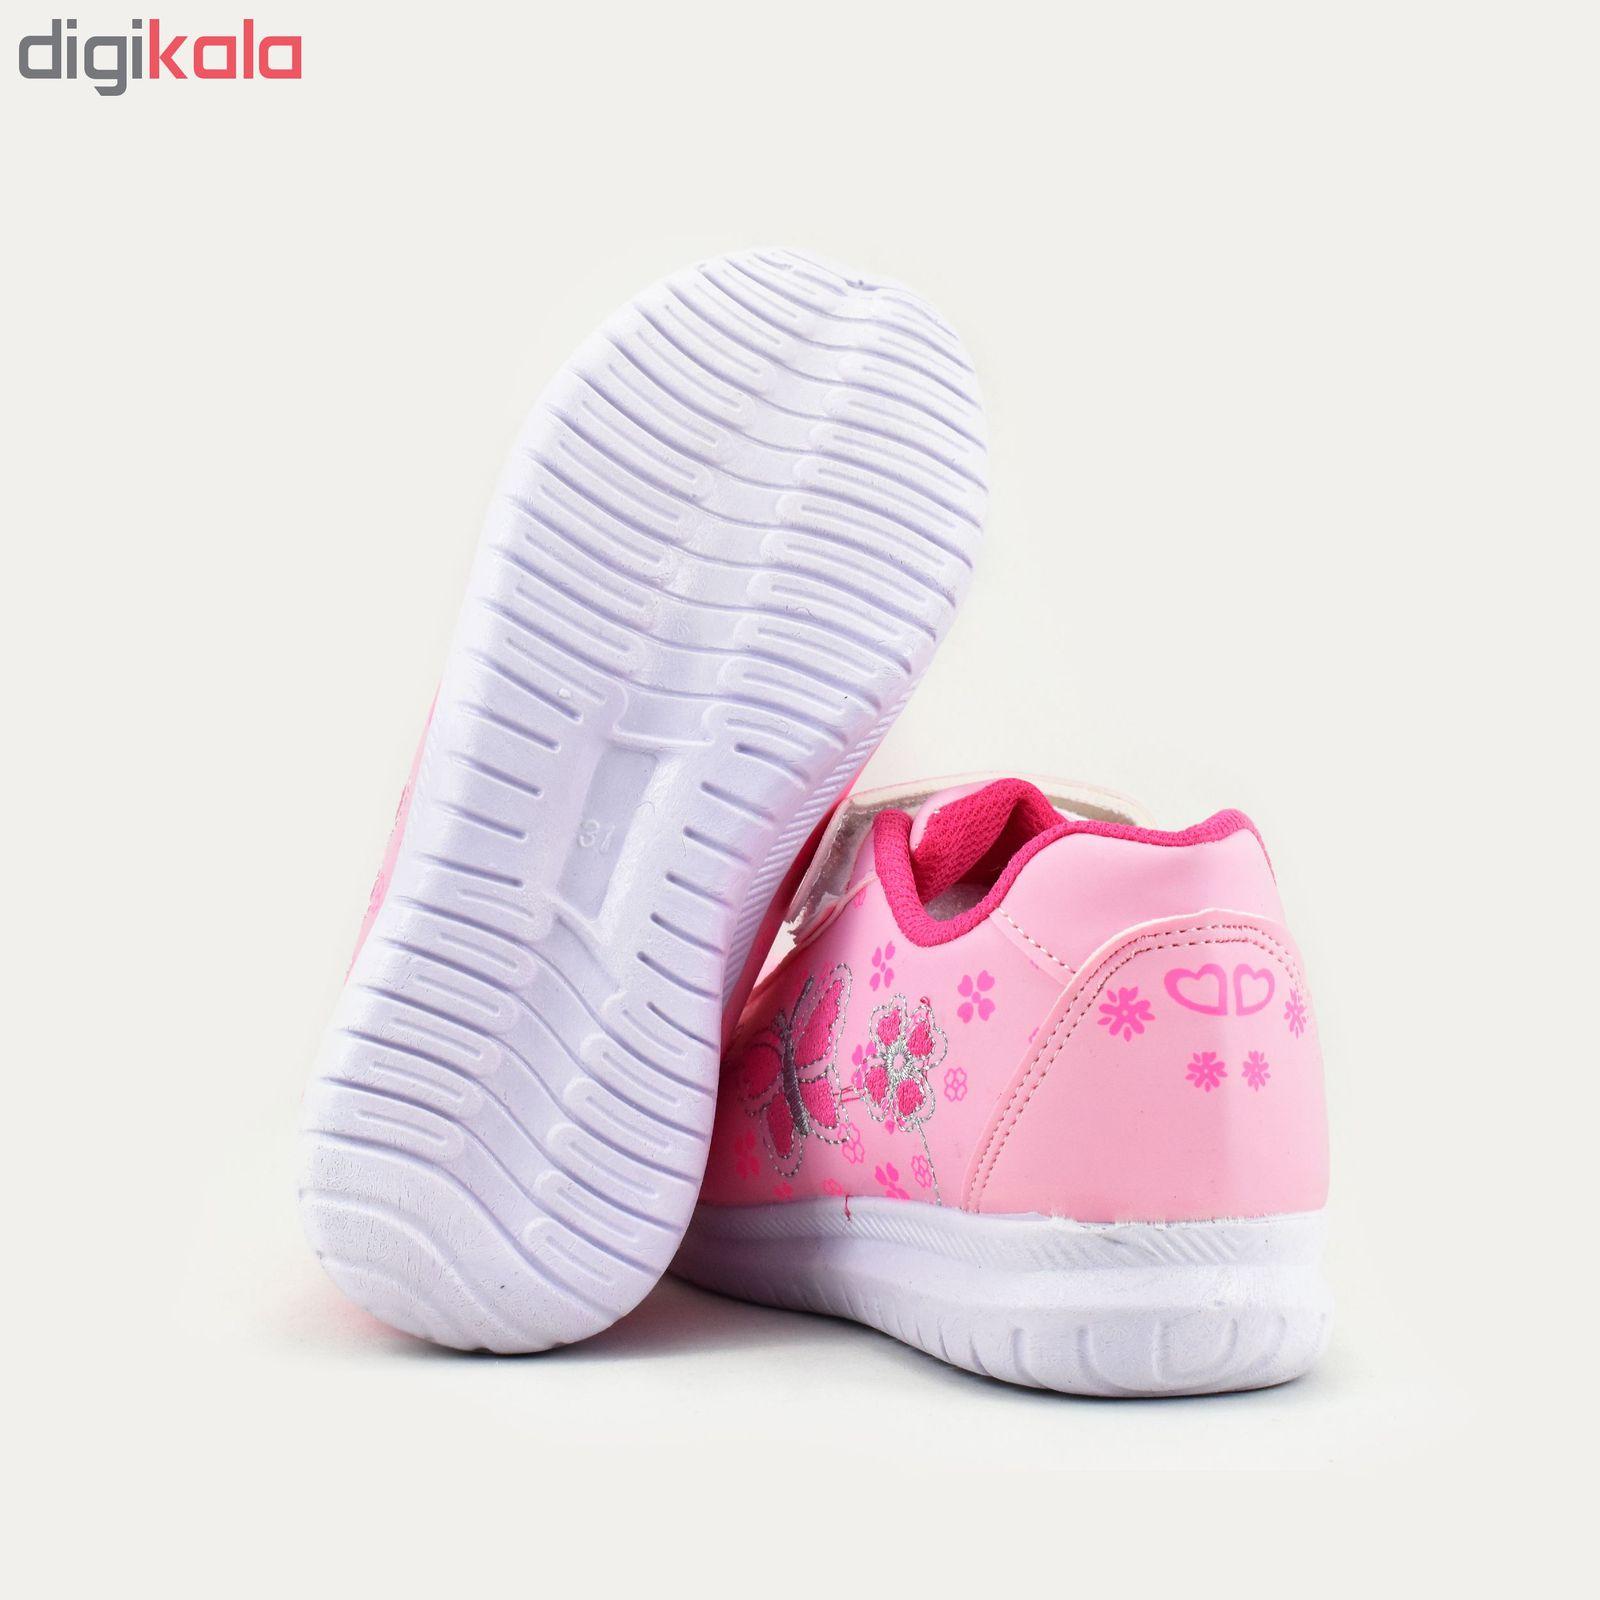 کفش ورزشی دخترانه طرح پروانه کد 4444 main 1 5